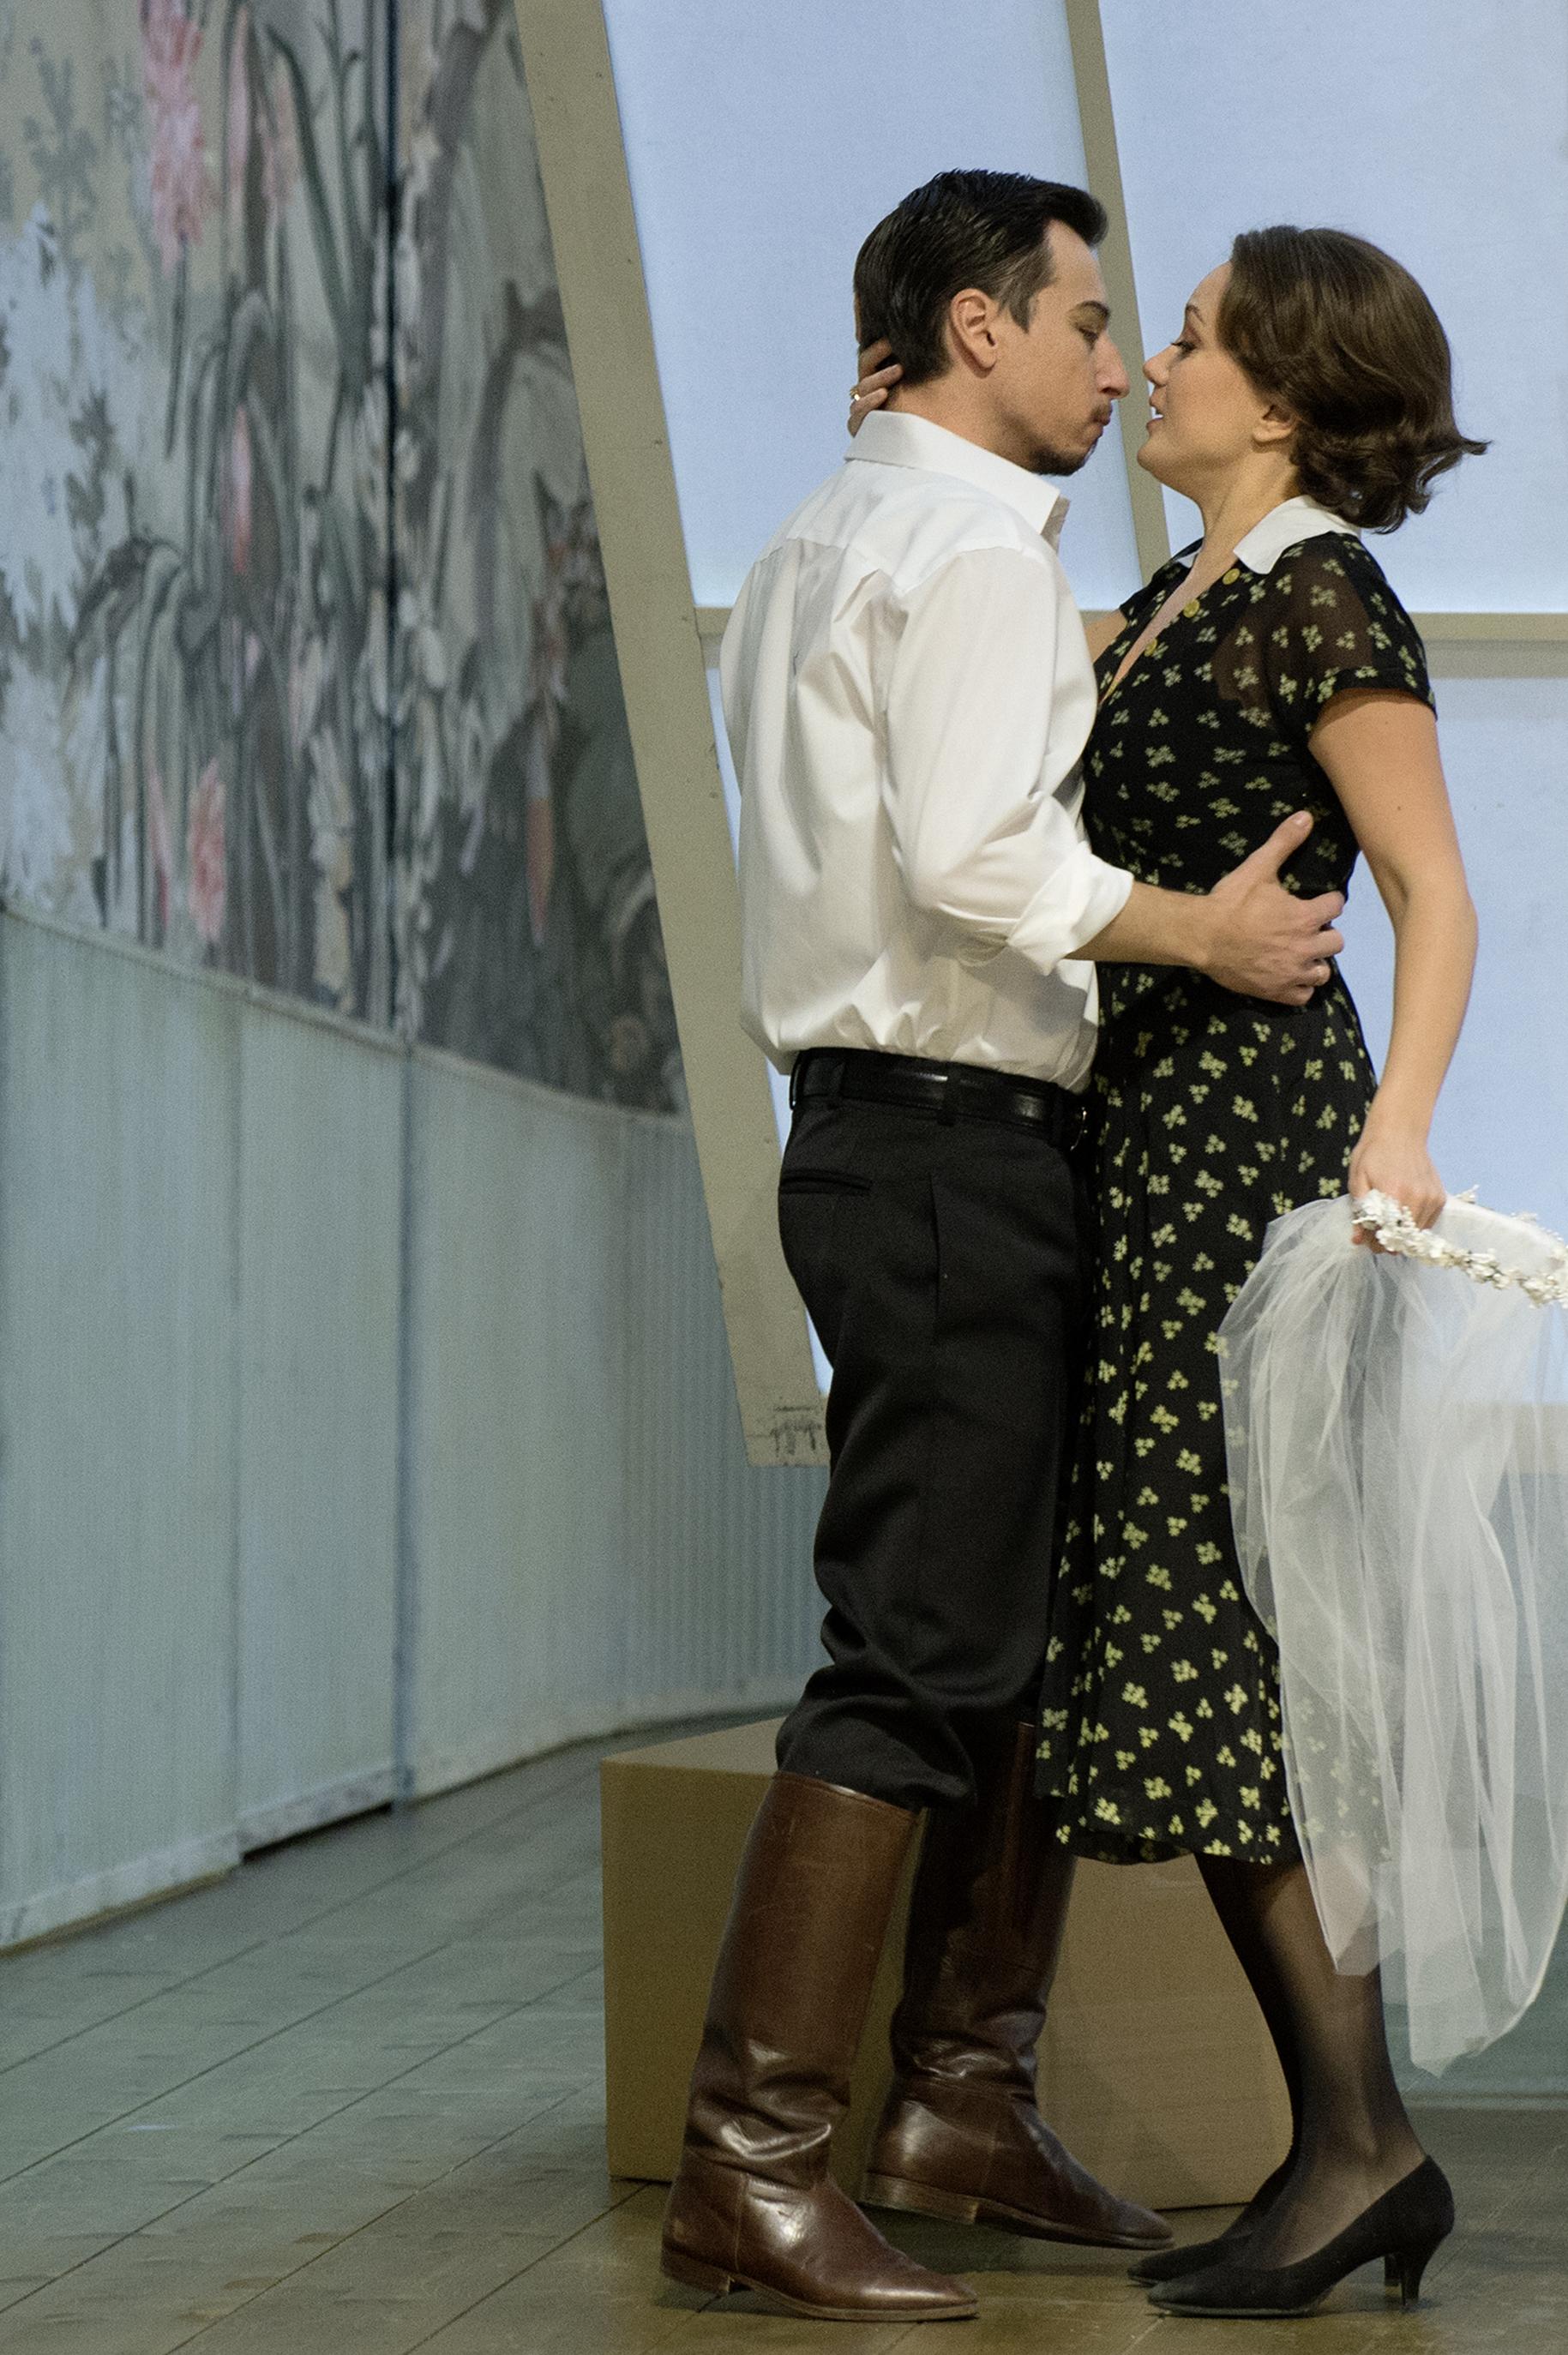 le-nozze-di-figaro_004_copyrigh_judith-schlosser.jpg